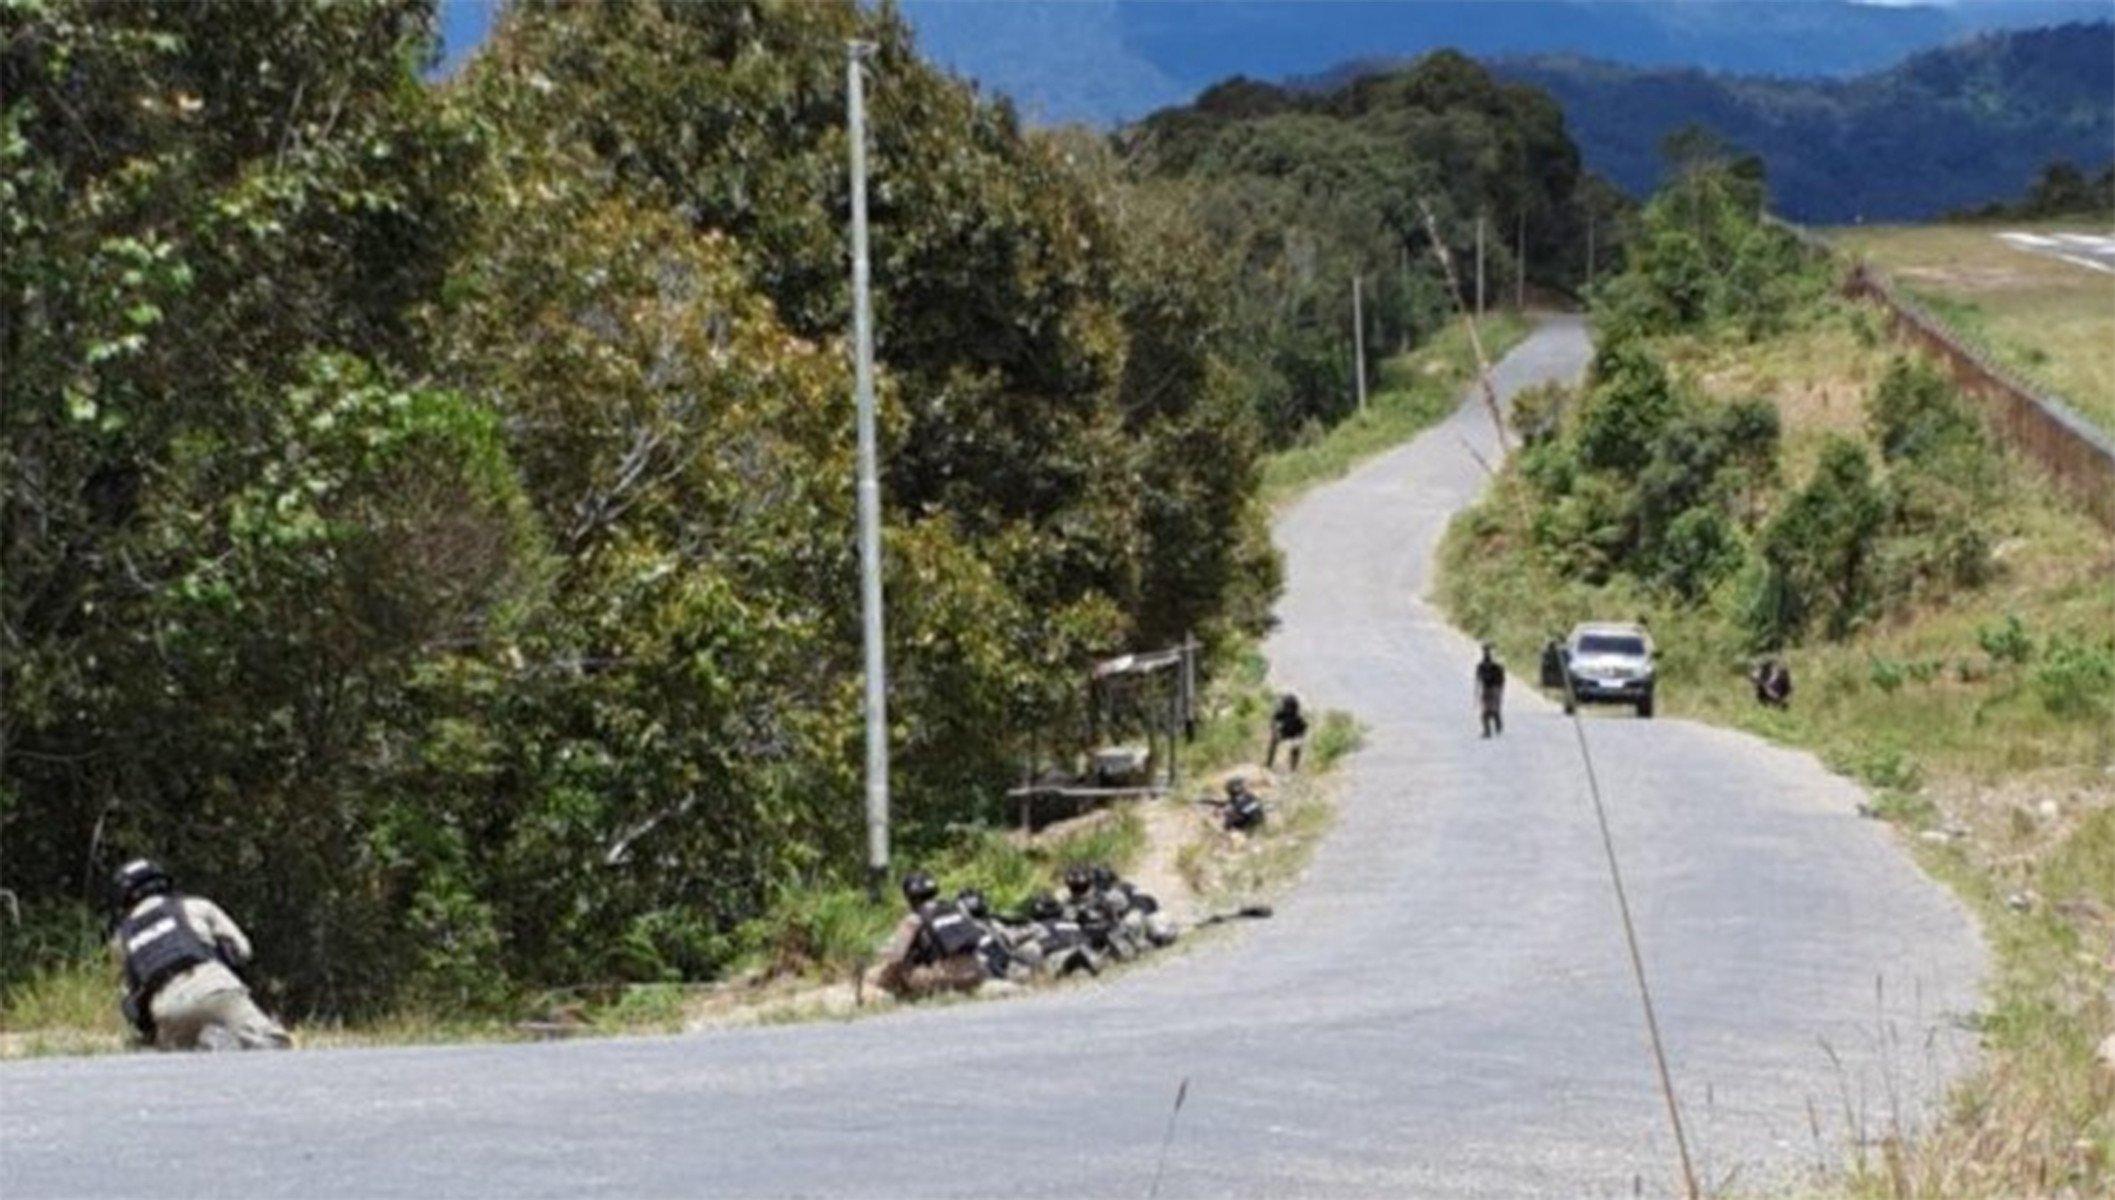 Kemenlu Anggap Enteng Manuver Benny Wenda terkait Papua - JPNN.com